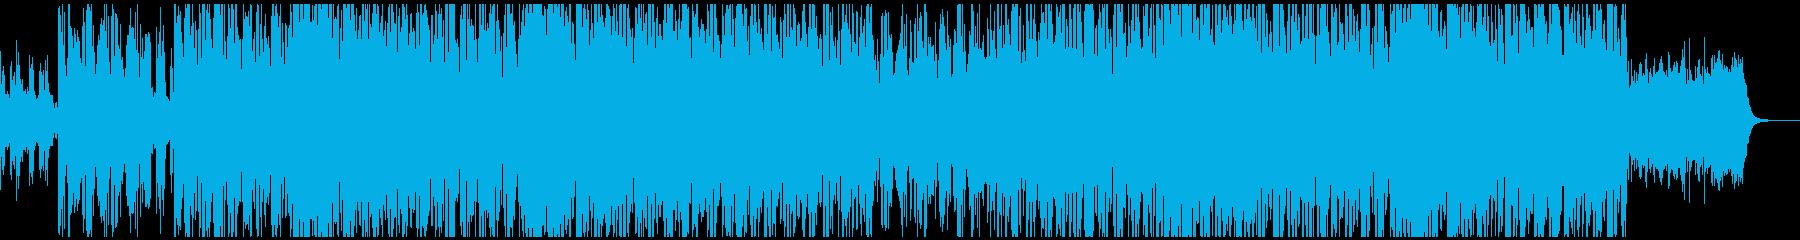 現代の生物学をたたえるアシッドハウスの再生済みの波形